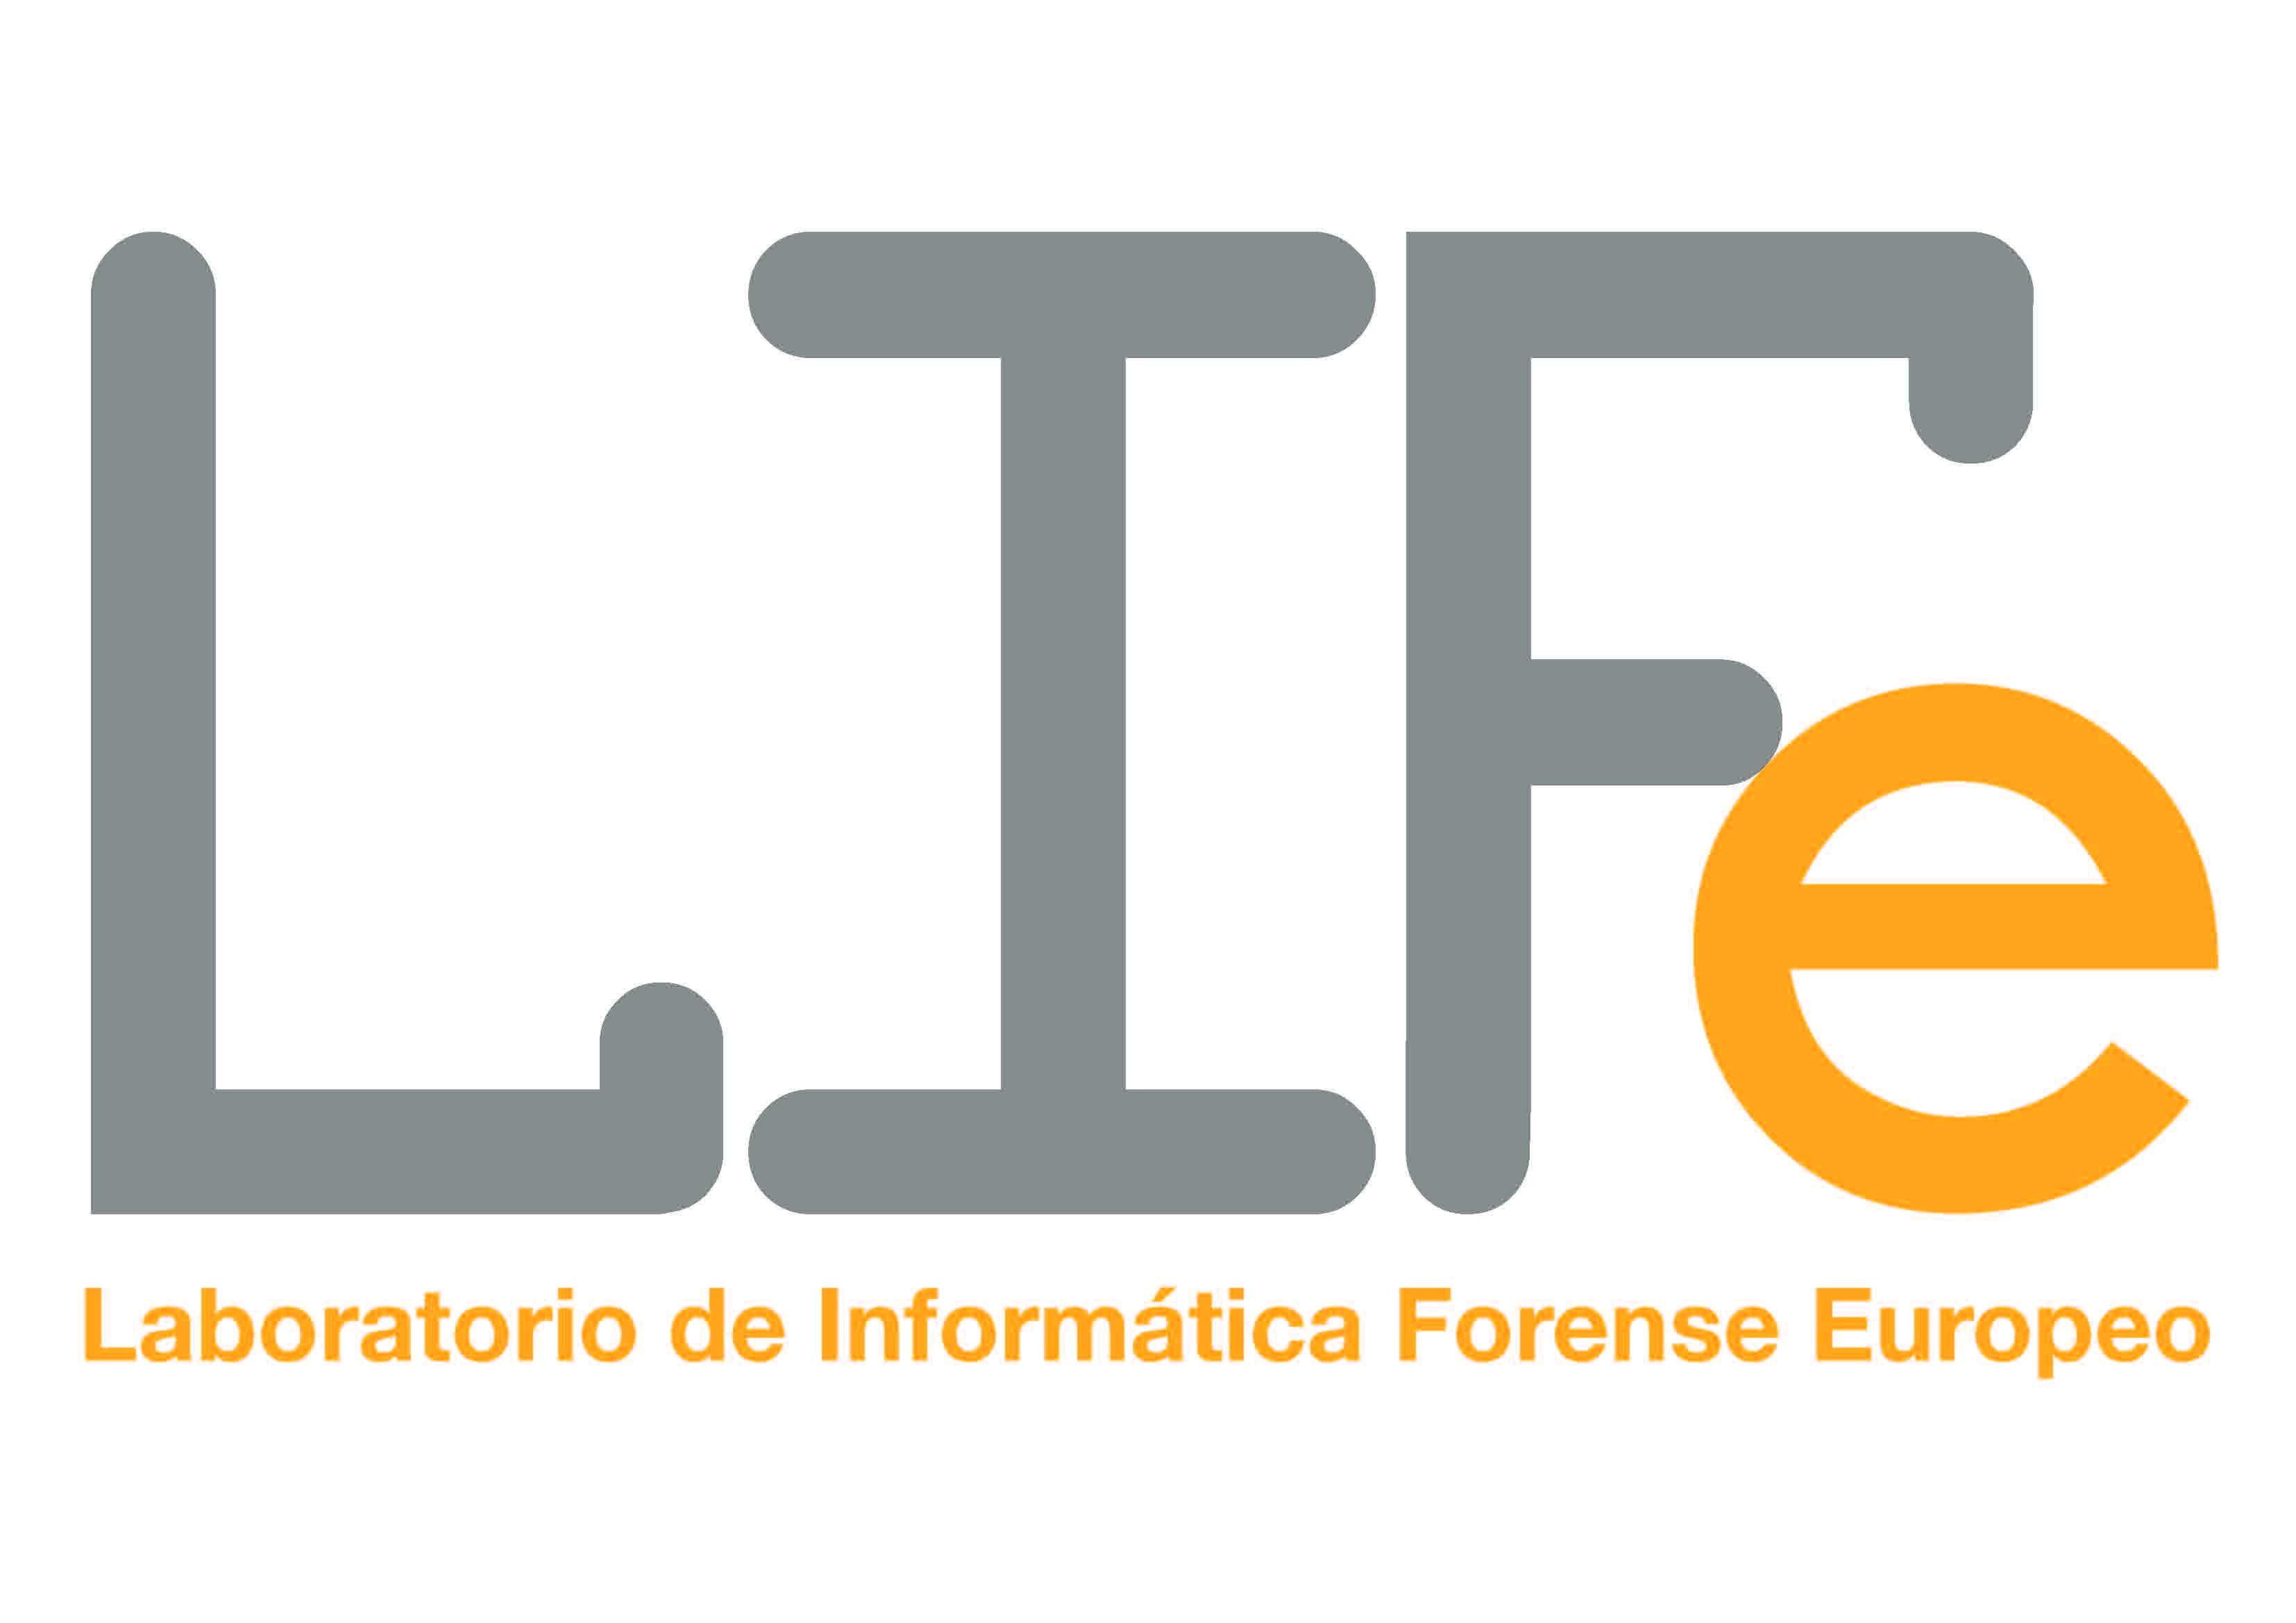 José Luis Rivas López, Auditor Forense Jefe de LIFe, quien nos contó acerca de la incidencia de los delitos informáticos.